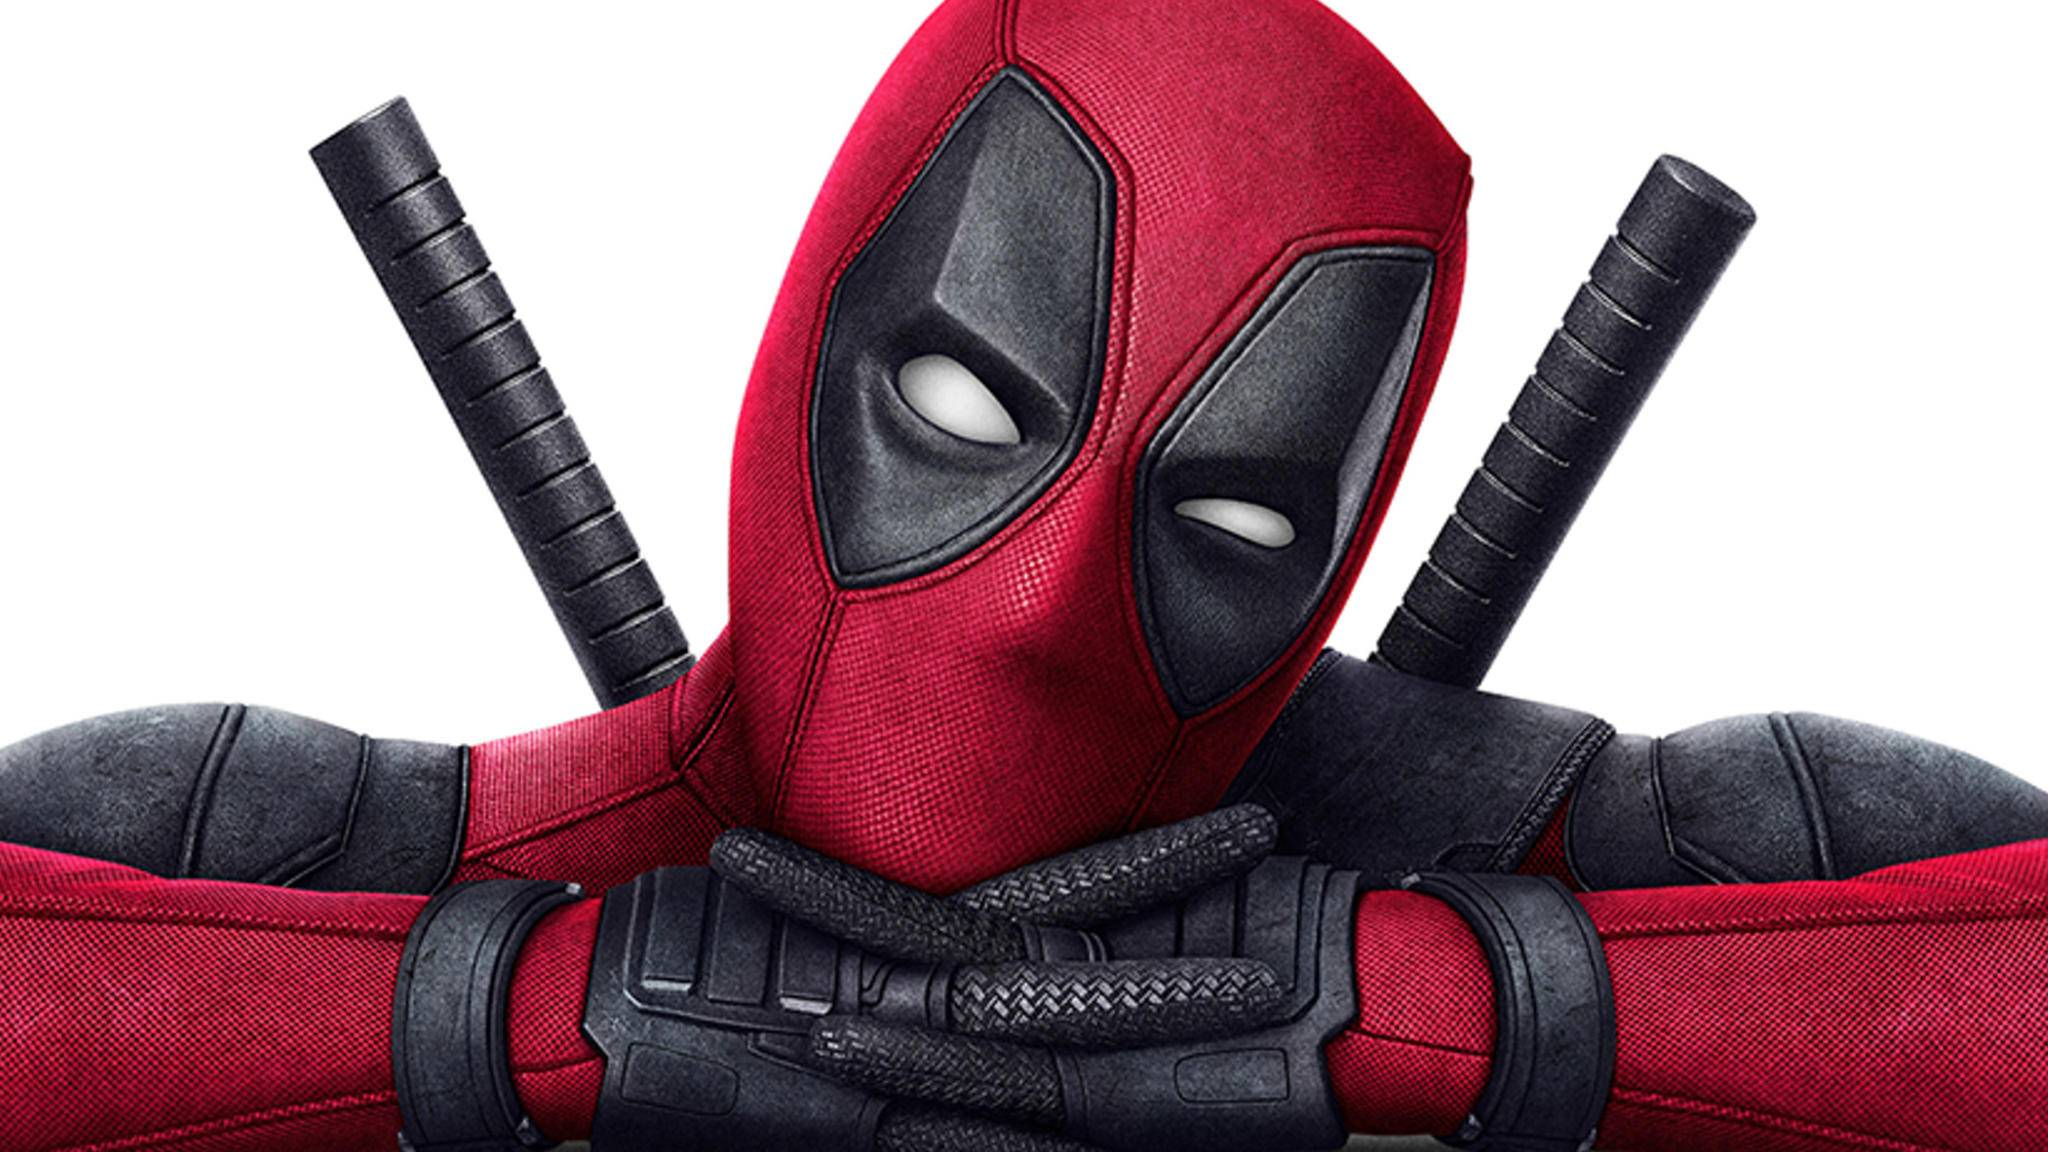 Klar, dass auch Deadpool im Super-Trailer 2016 nicht fehlen darf.